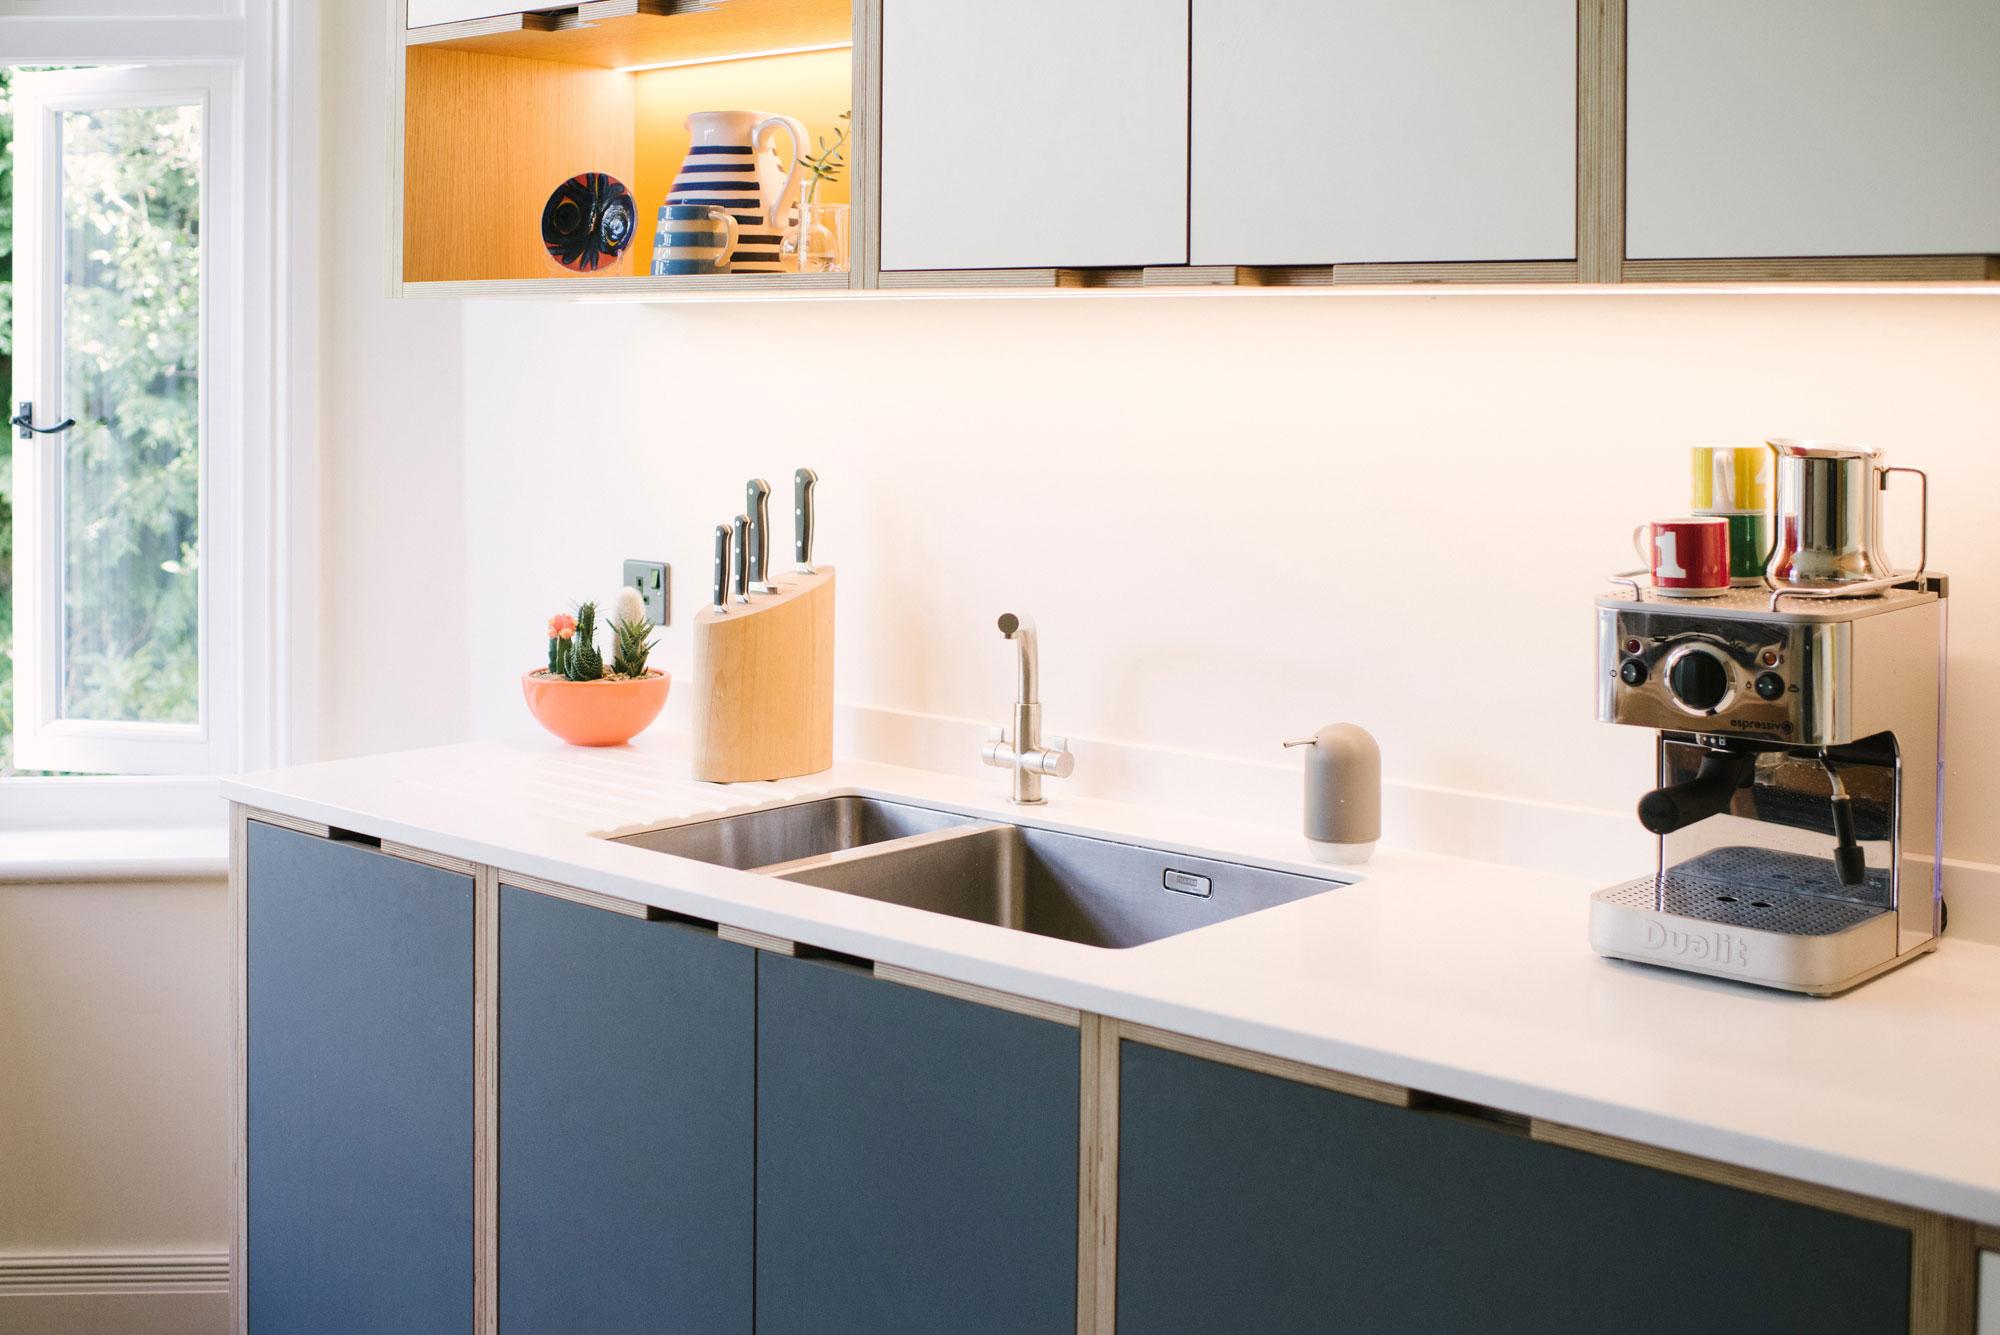 Mid-Century Modern Style kitchen